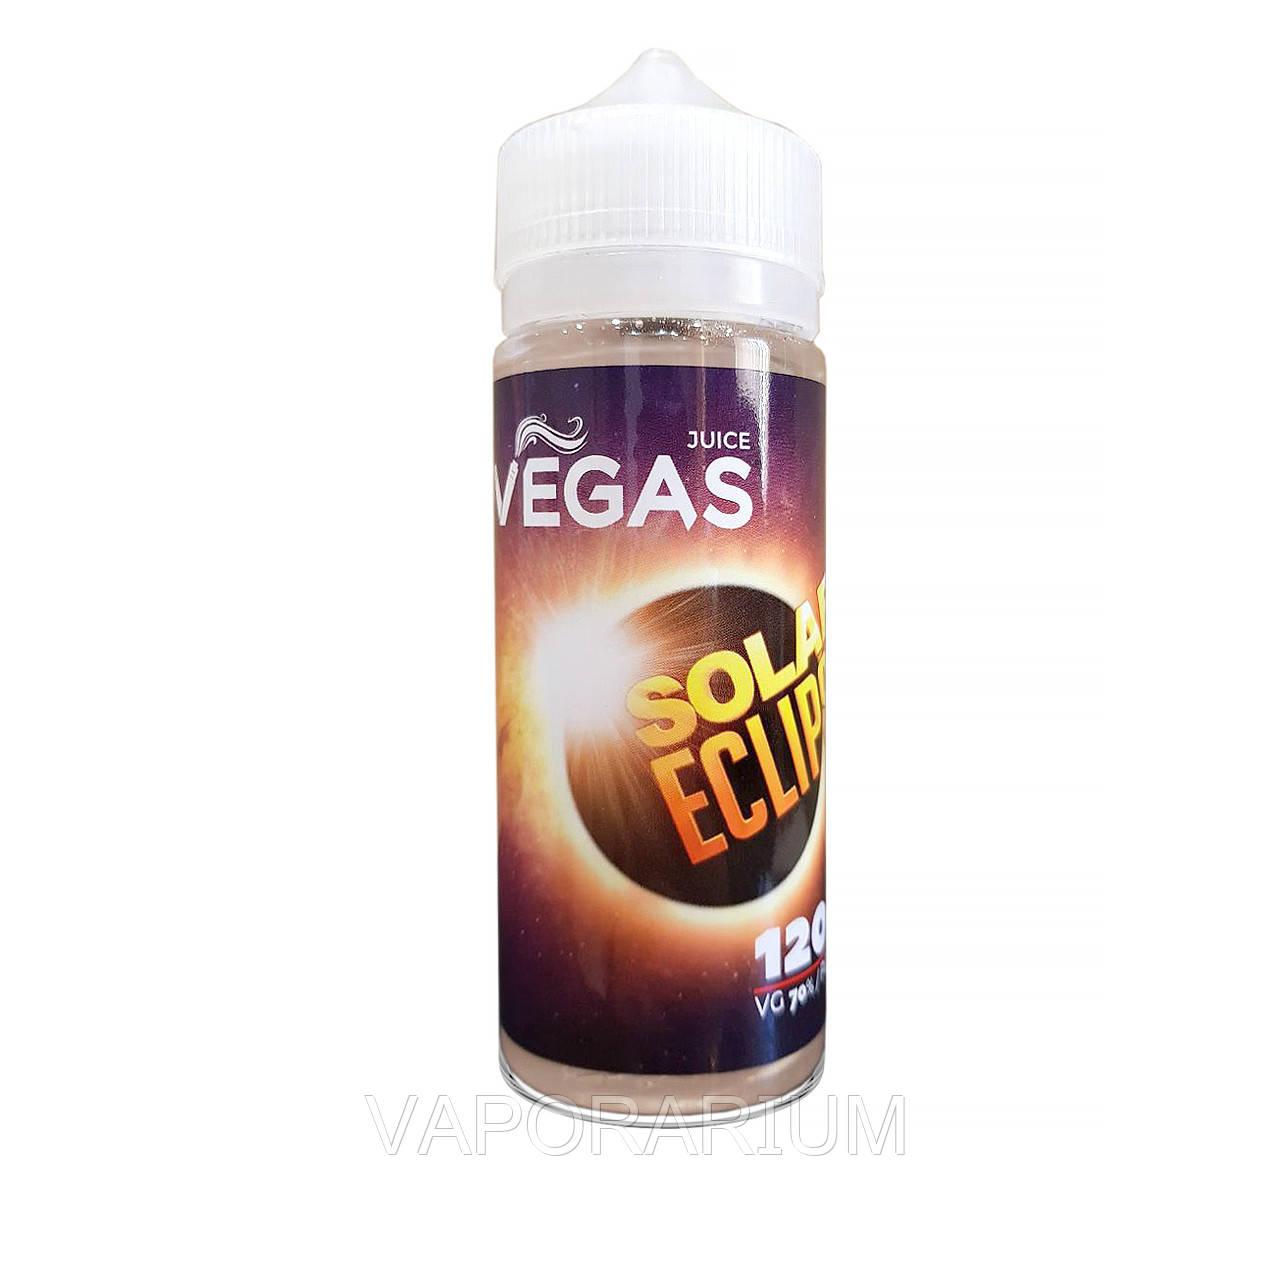 Жидкость для электронных сигарет Vegas Solar Eclipse 1.5 мг 120 мл